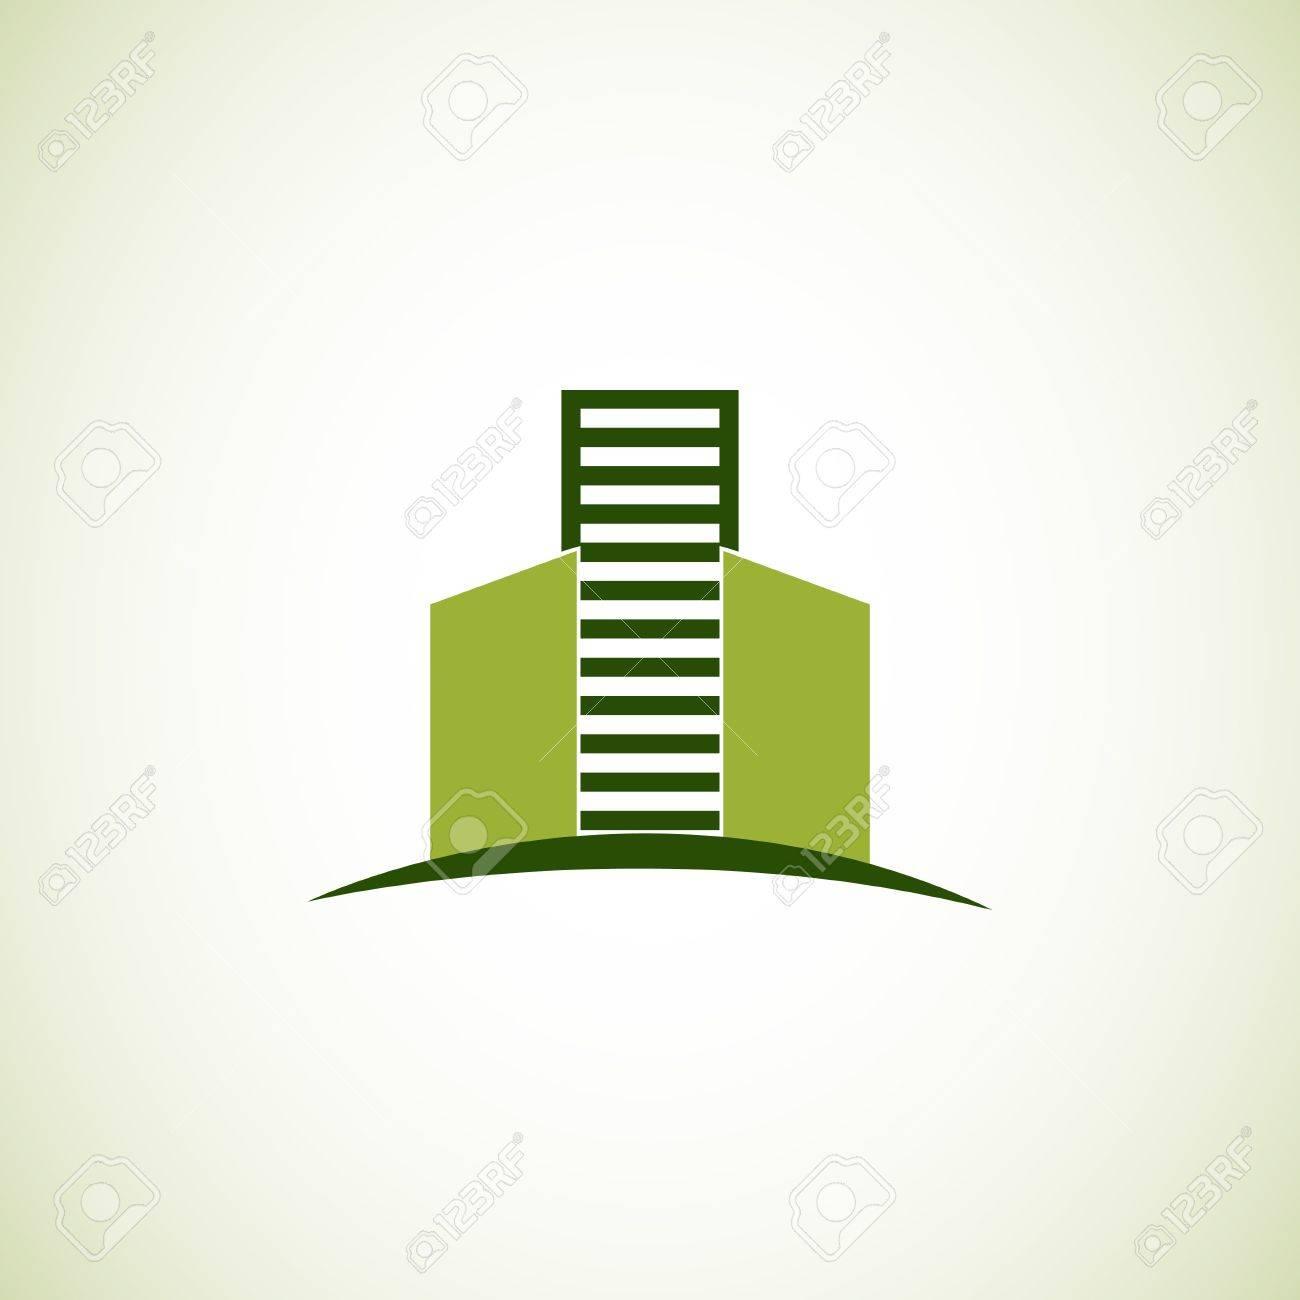 Real estate logo Stock Vector - 18775722